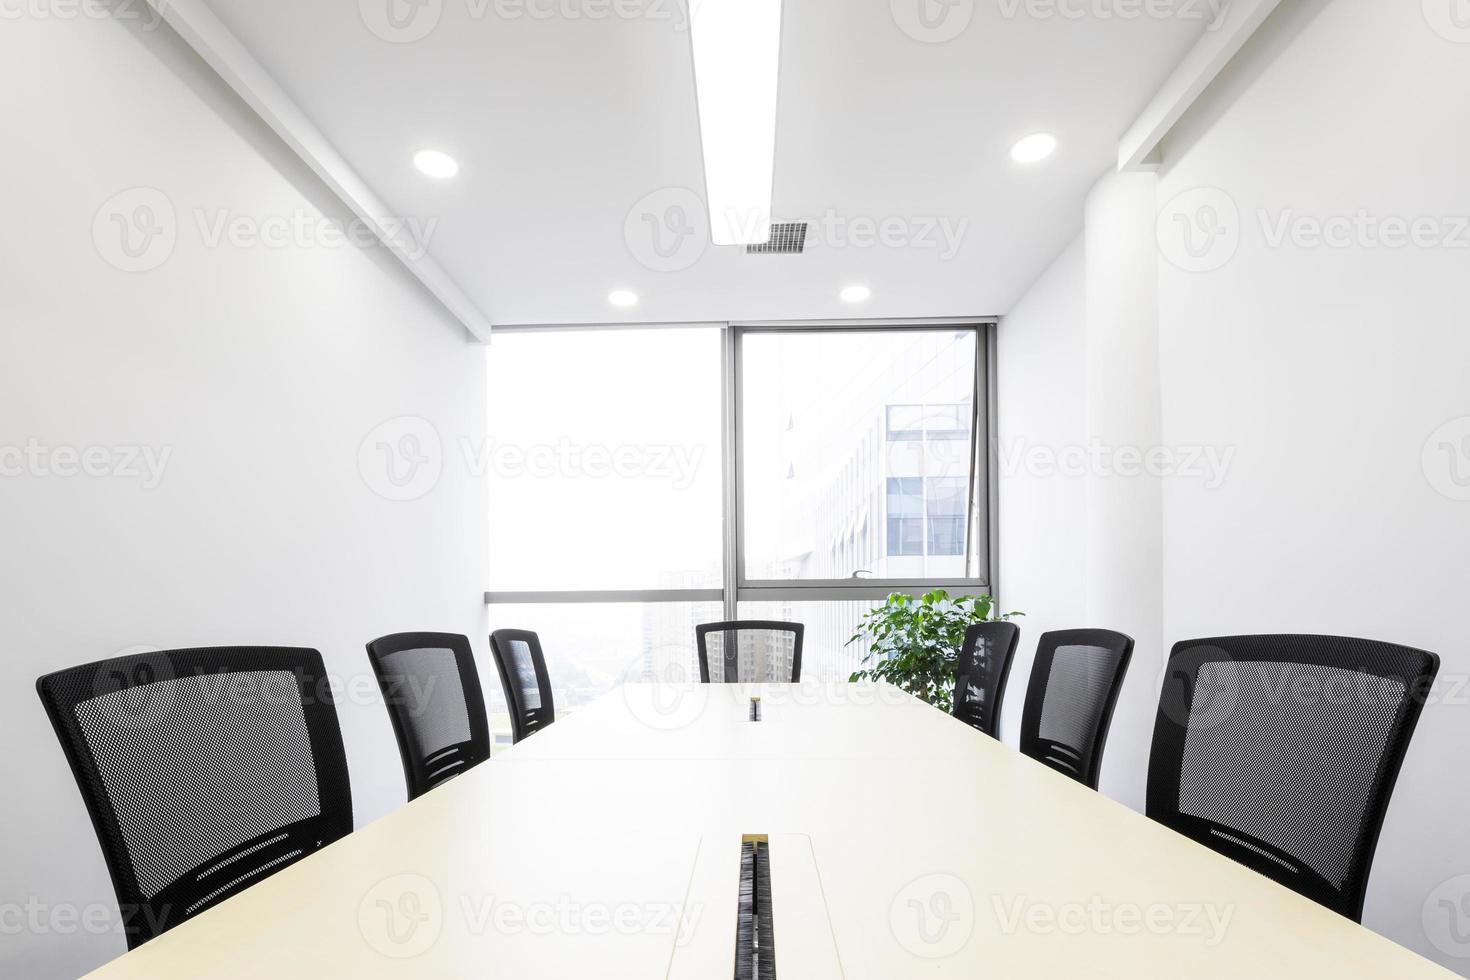 intérieur de la salle de réunion au bureau moder photo